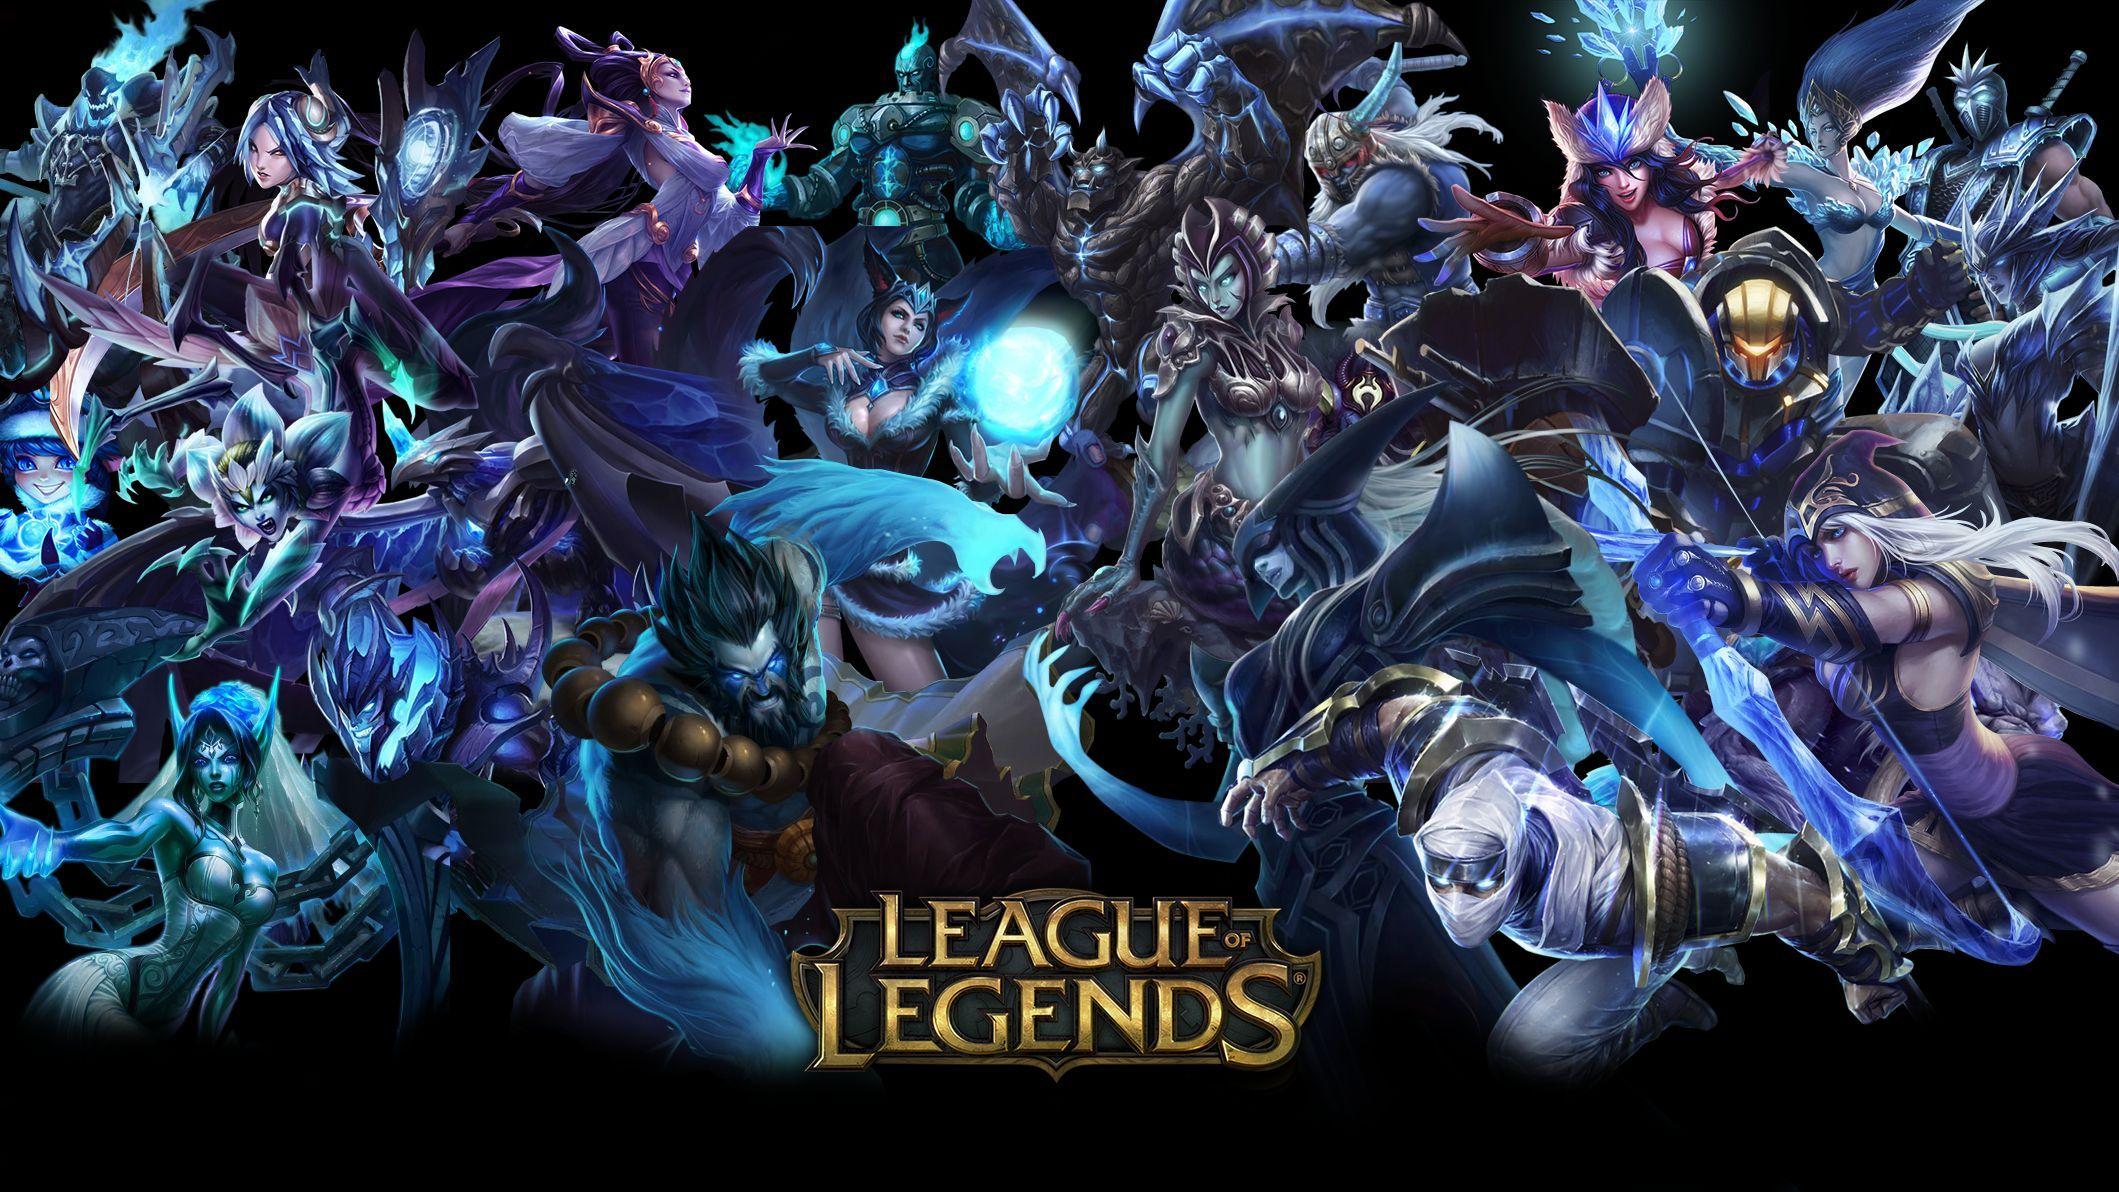 Fondos de pantalla League Of Legends Personajes Poster